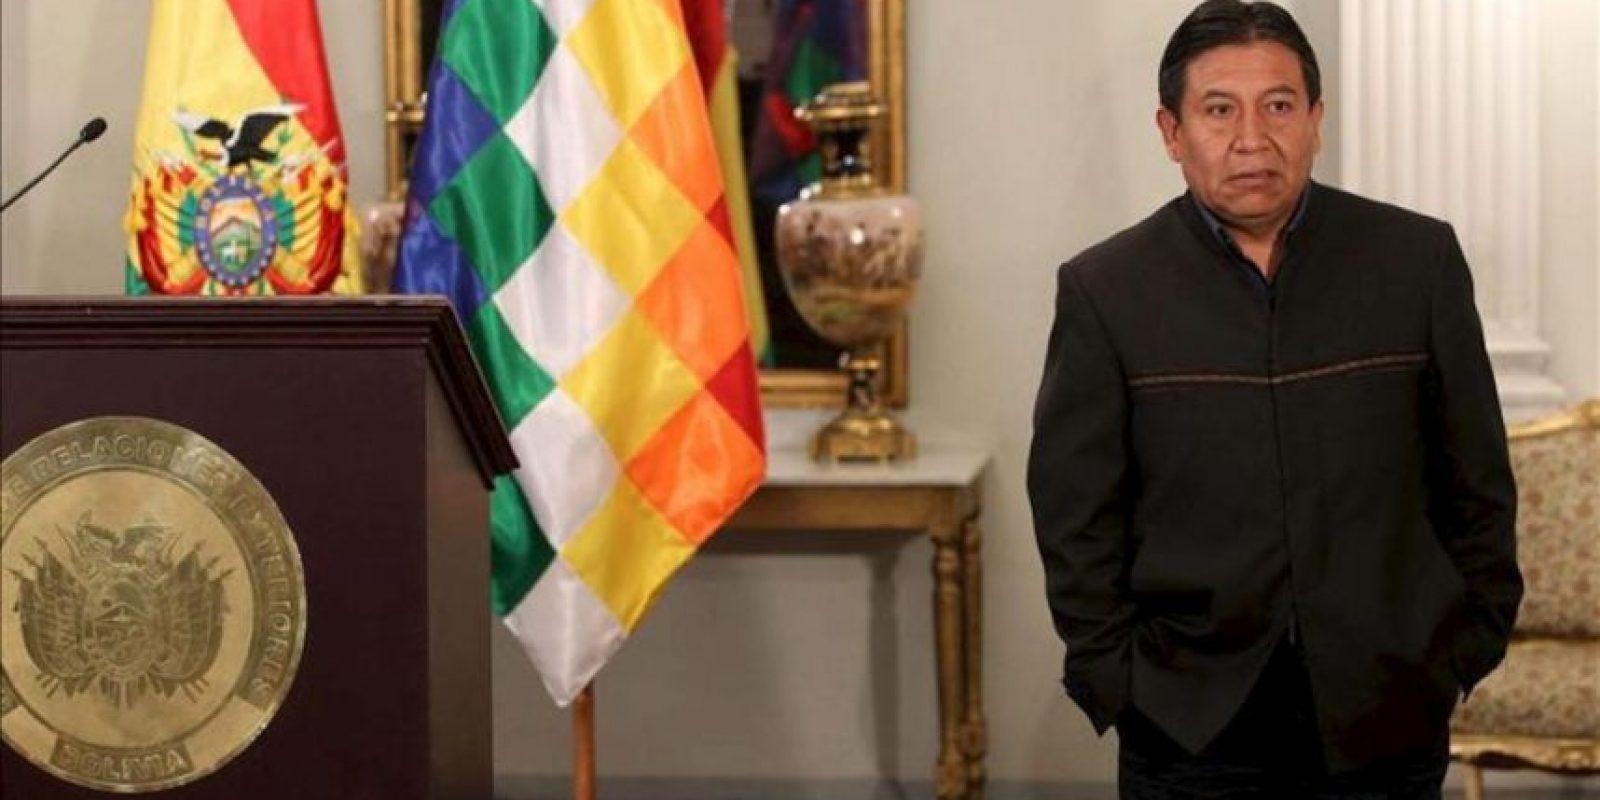 """El canciller boliviano, David Choquehuanca, informó a los medios que el Gobierno de su país entregó una nota diplomática a la Embajada de Brasil en la que expresa su """"profunda preocupación"""" por """"la transgresión del principio de reciprocidad y cortesía internacional"""" debido a la huida del senador opositor Roger Pinto a ese país. EFE"""